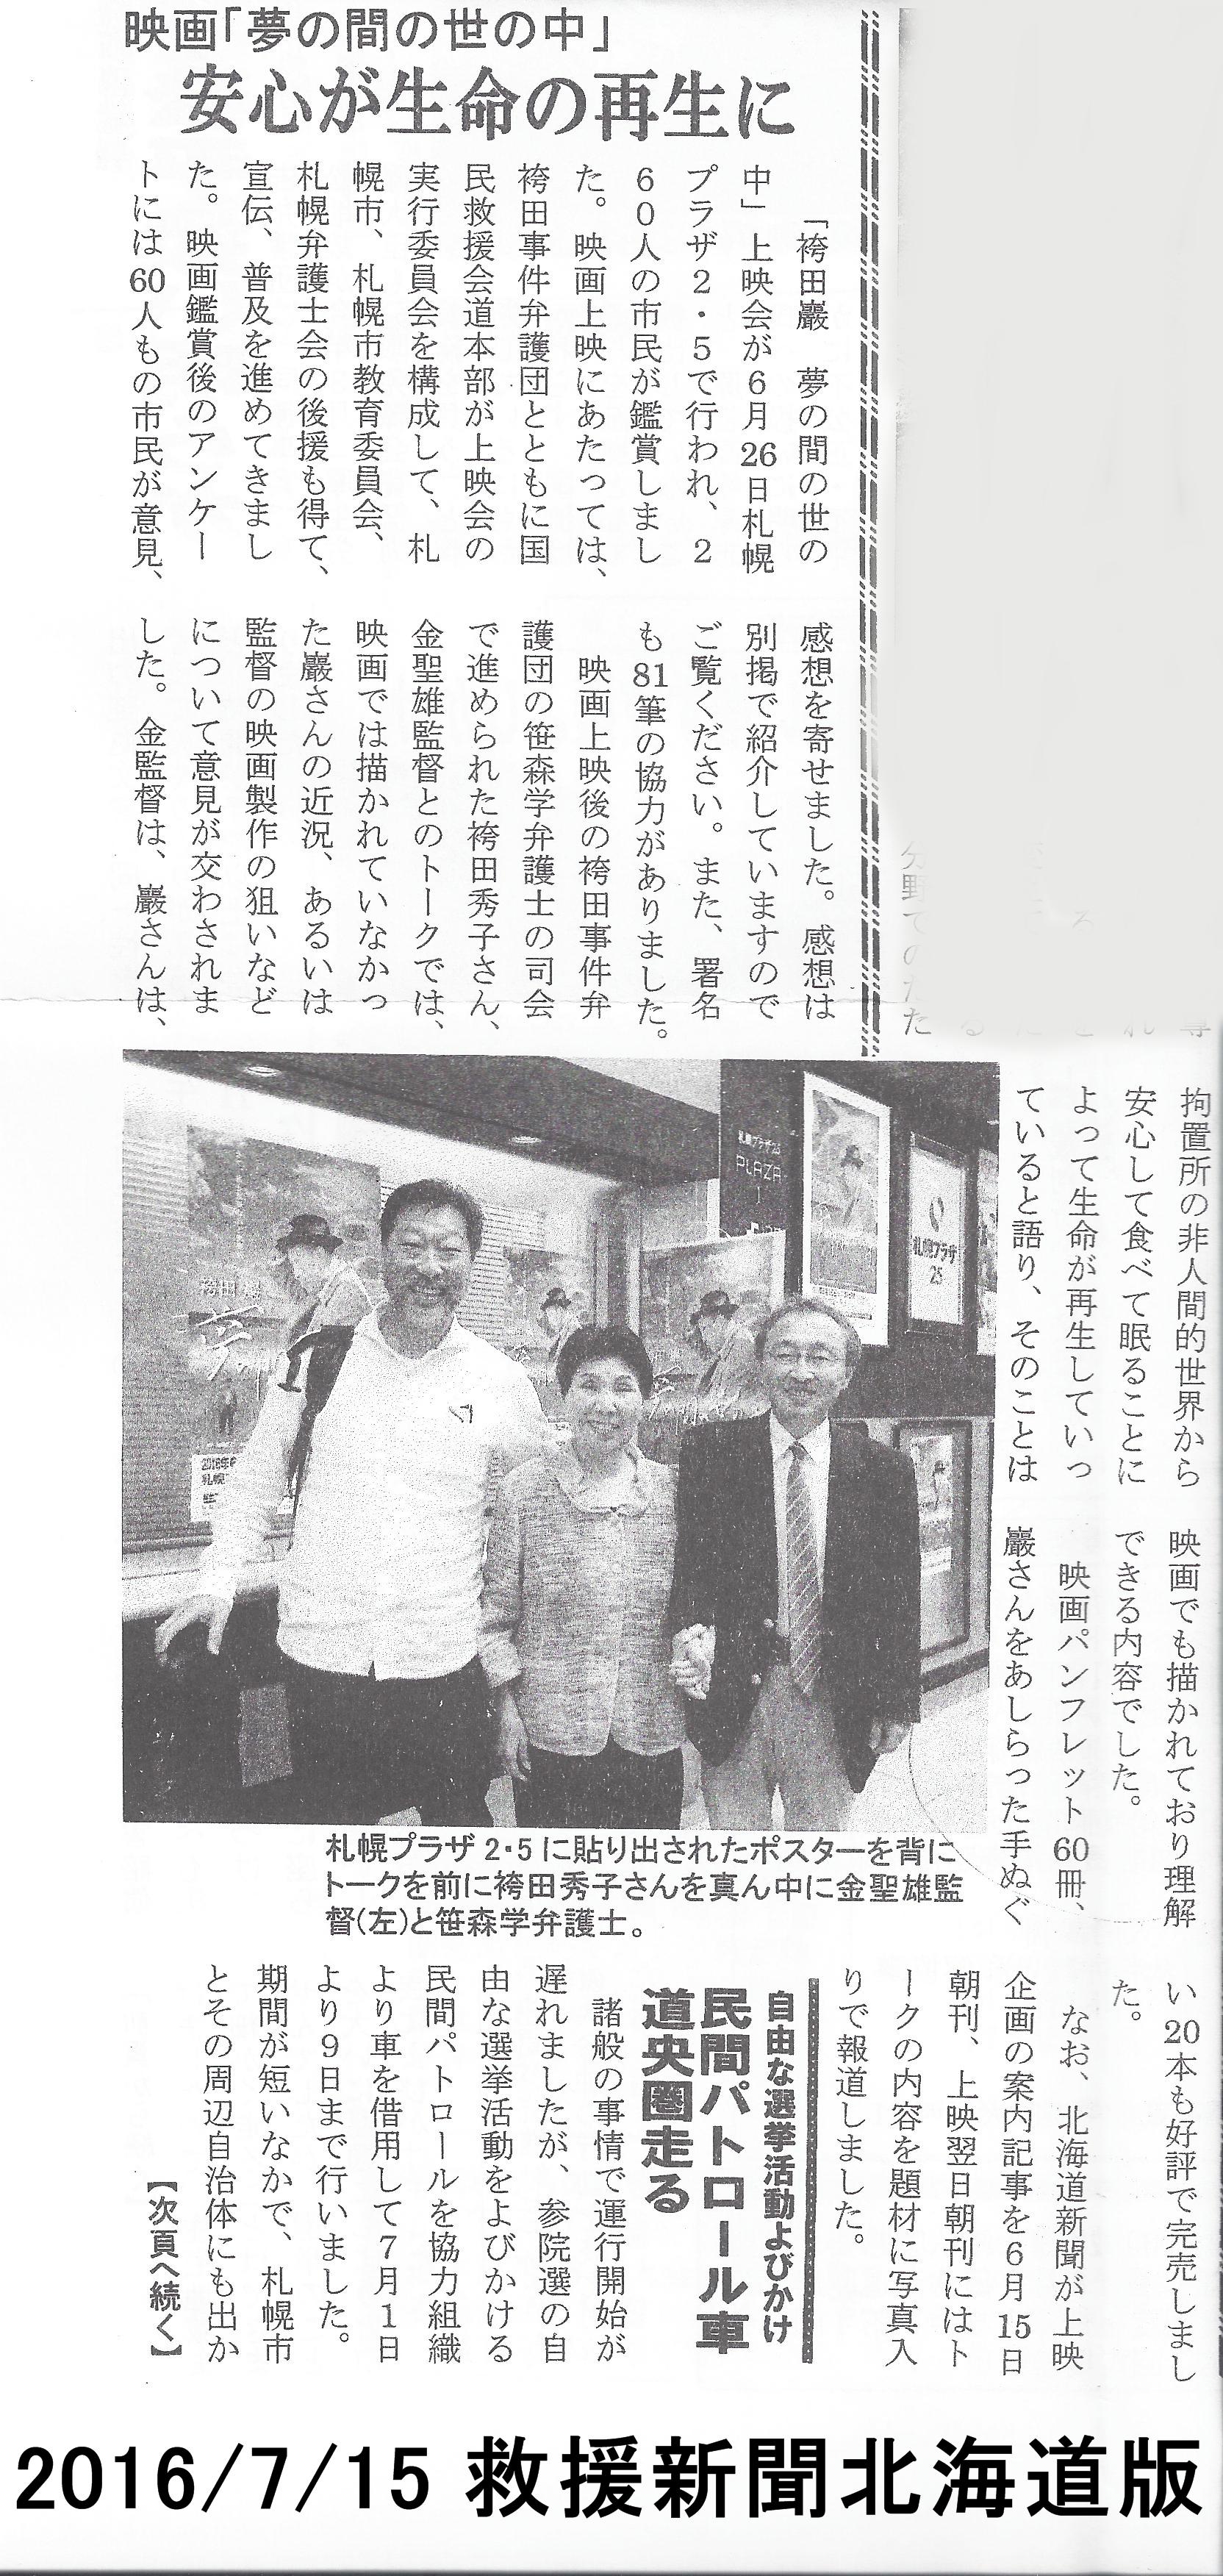 2016.7.15 救援新聞北海道版